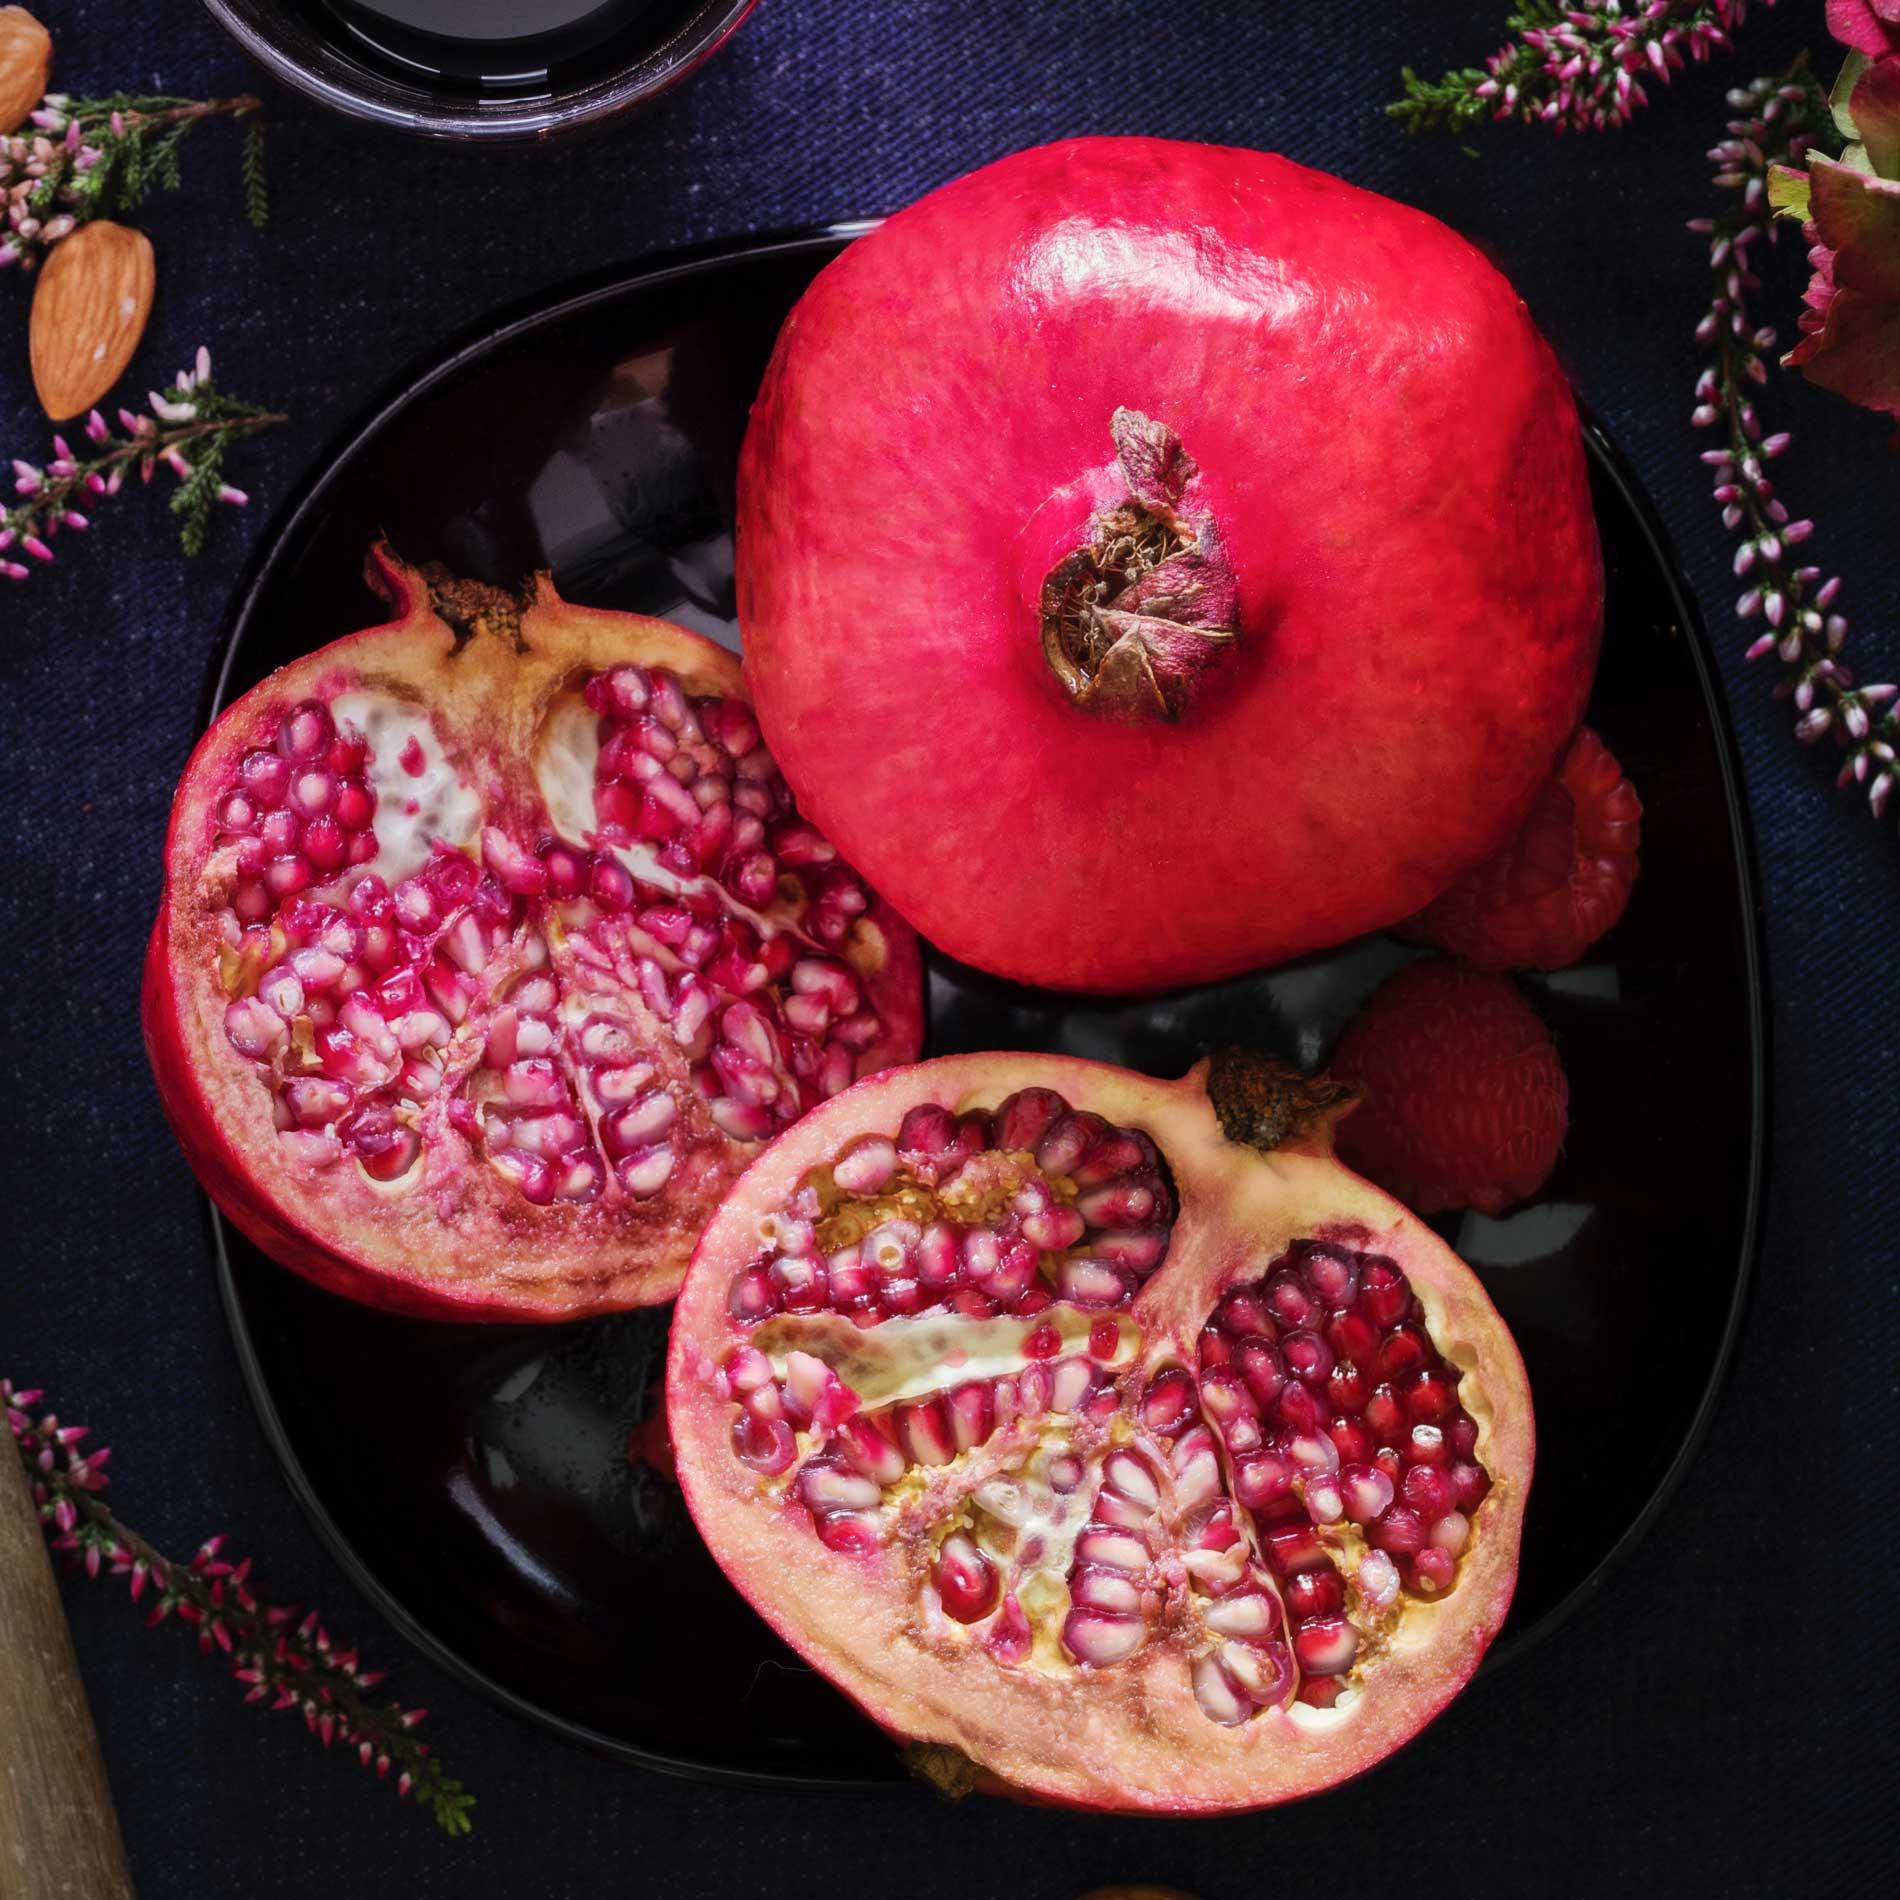 Warum Granatapfel so gesund ist, Granatapfel, Granatapfel gesund, Wirkung Granatapfel, Alleskönner Granatapfel, natürliches Anti-Aging,